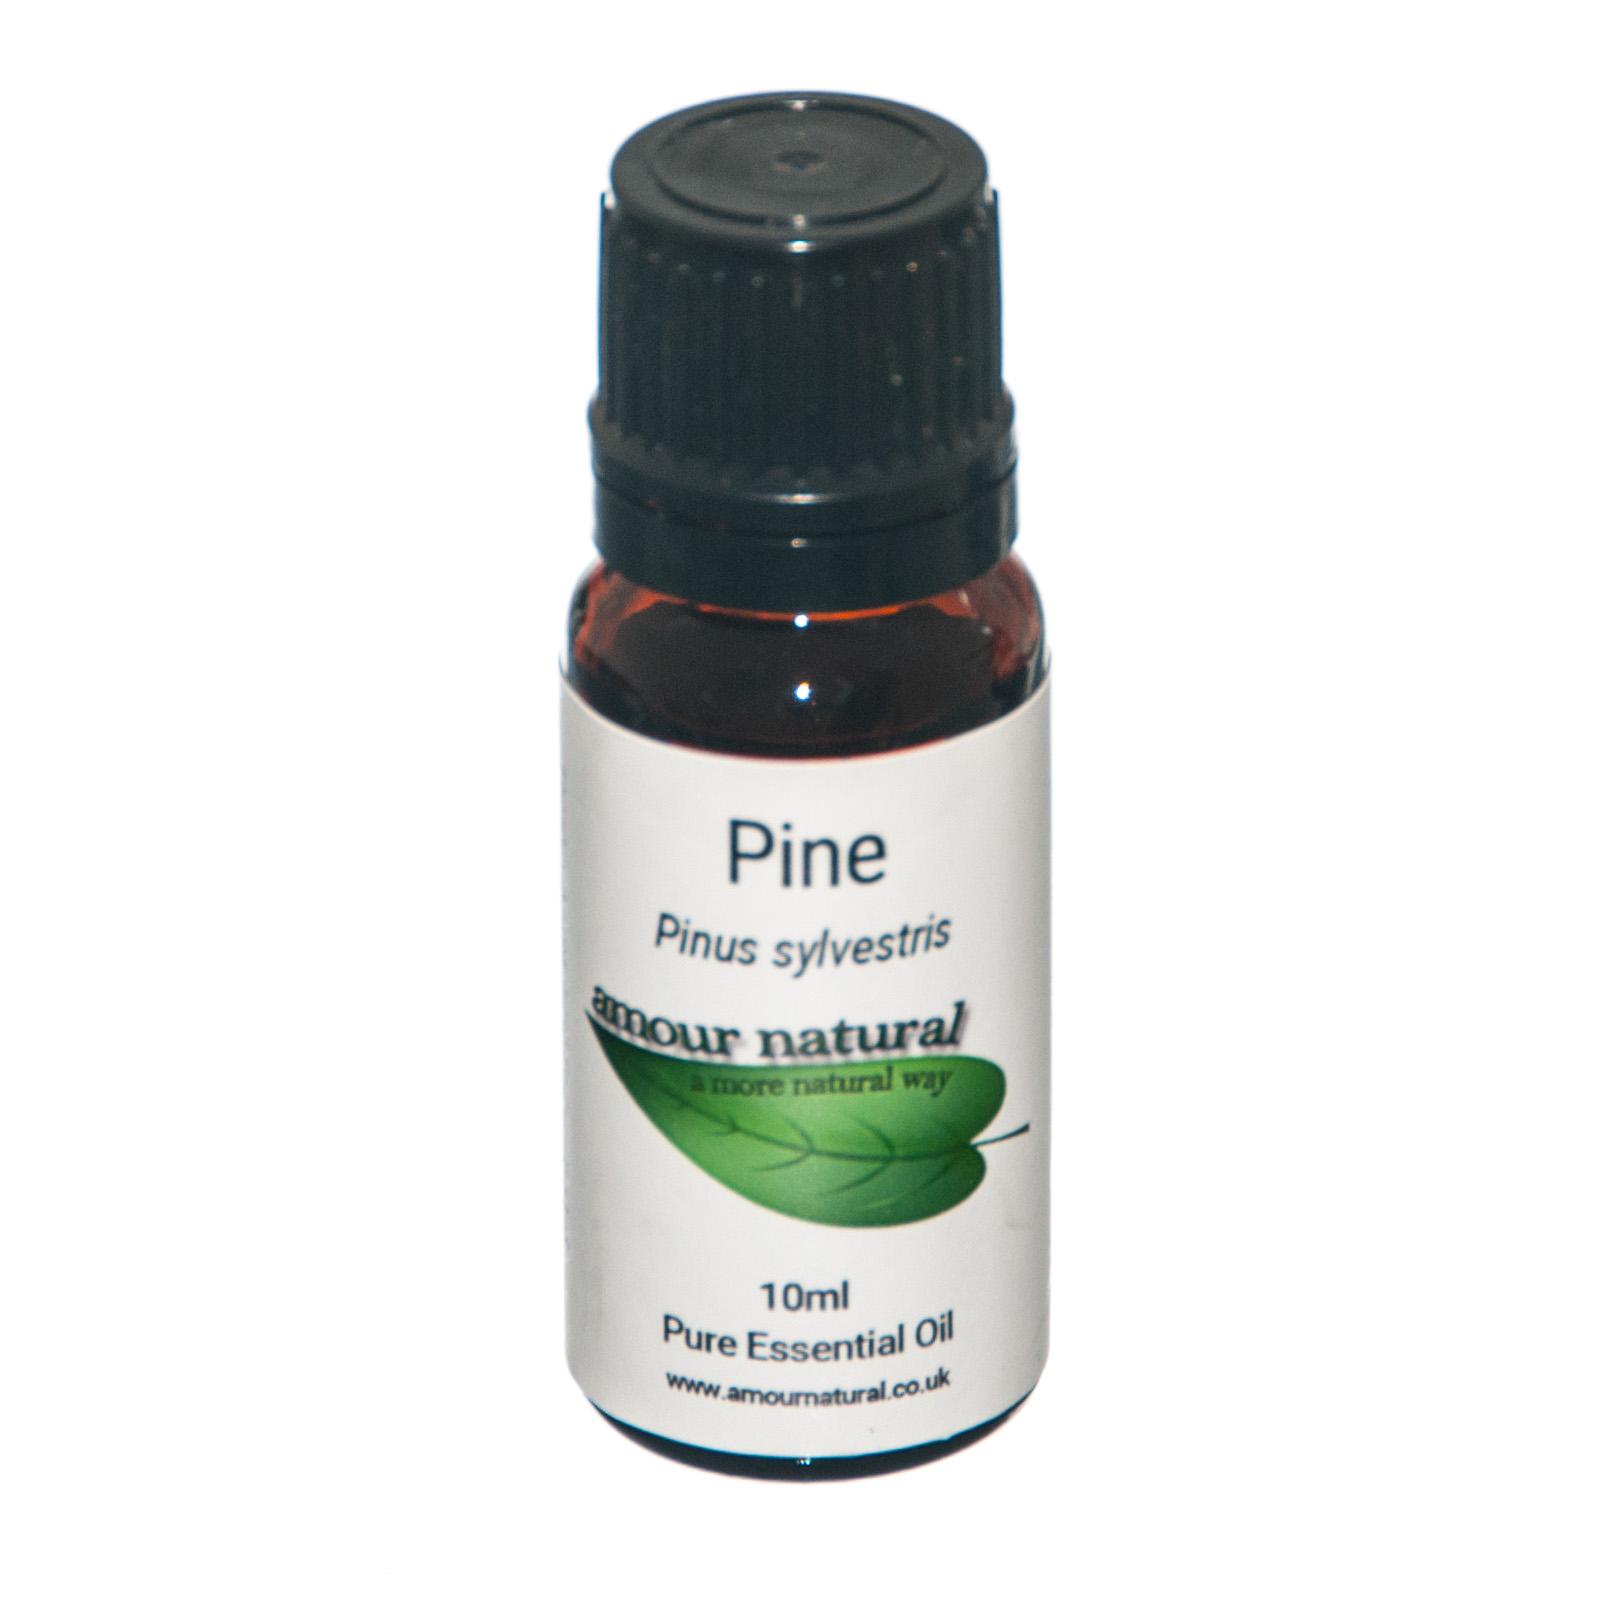 Pine Oil 10ml